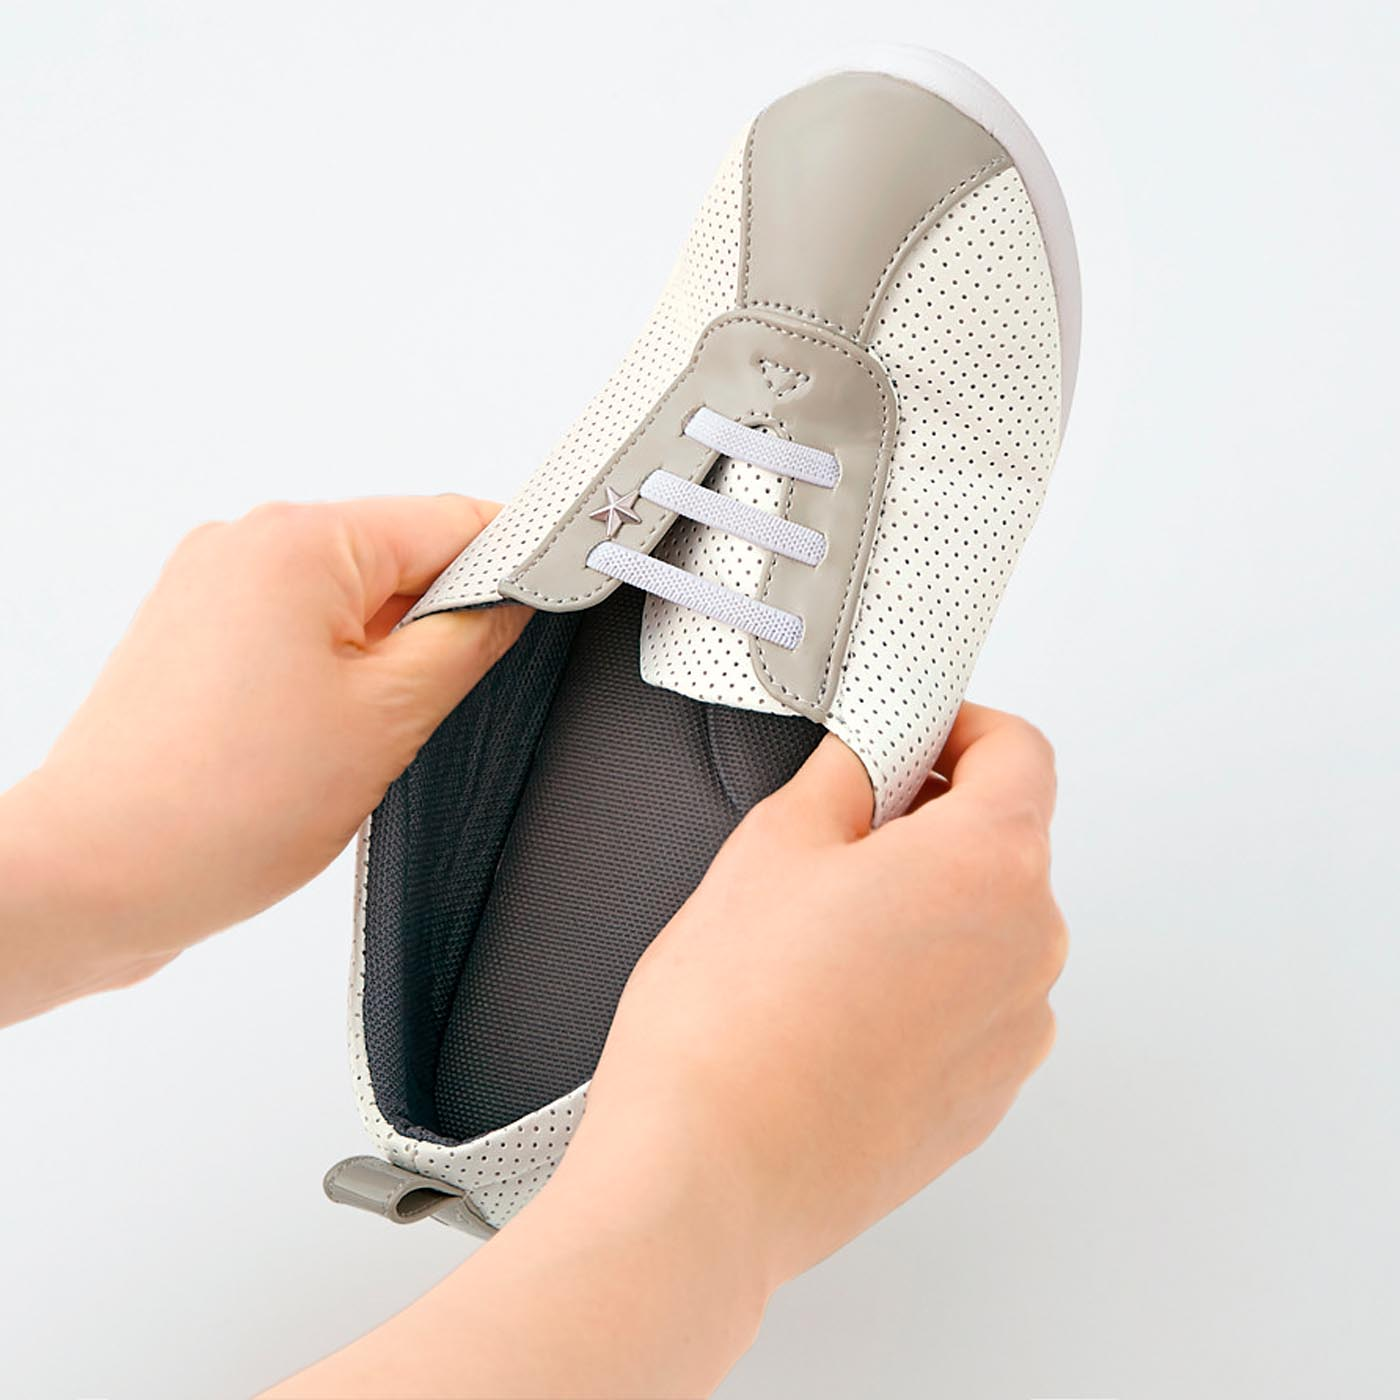 伸縮性のあるゴムひもで脱ぎ履きもスムーズ。スッと履けます。